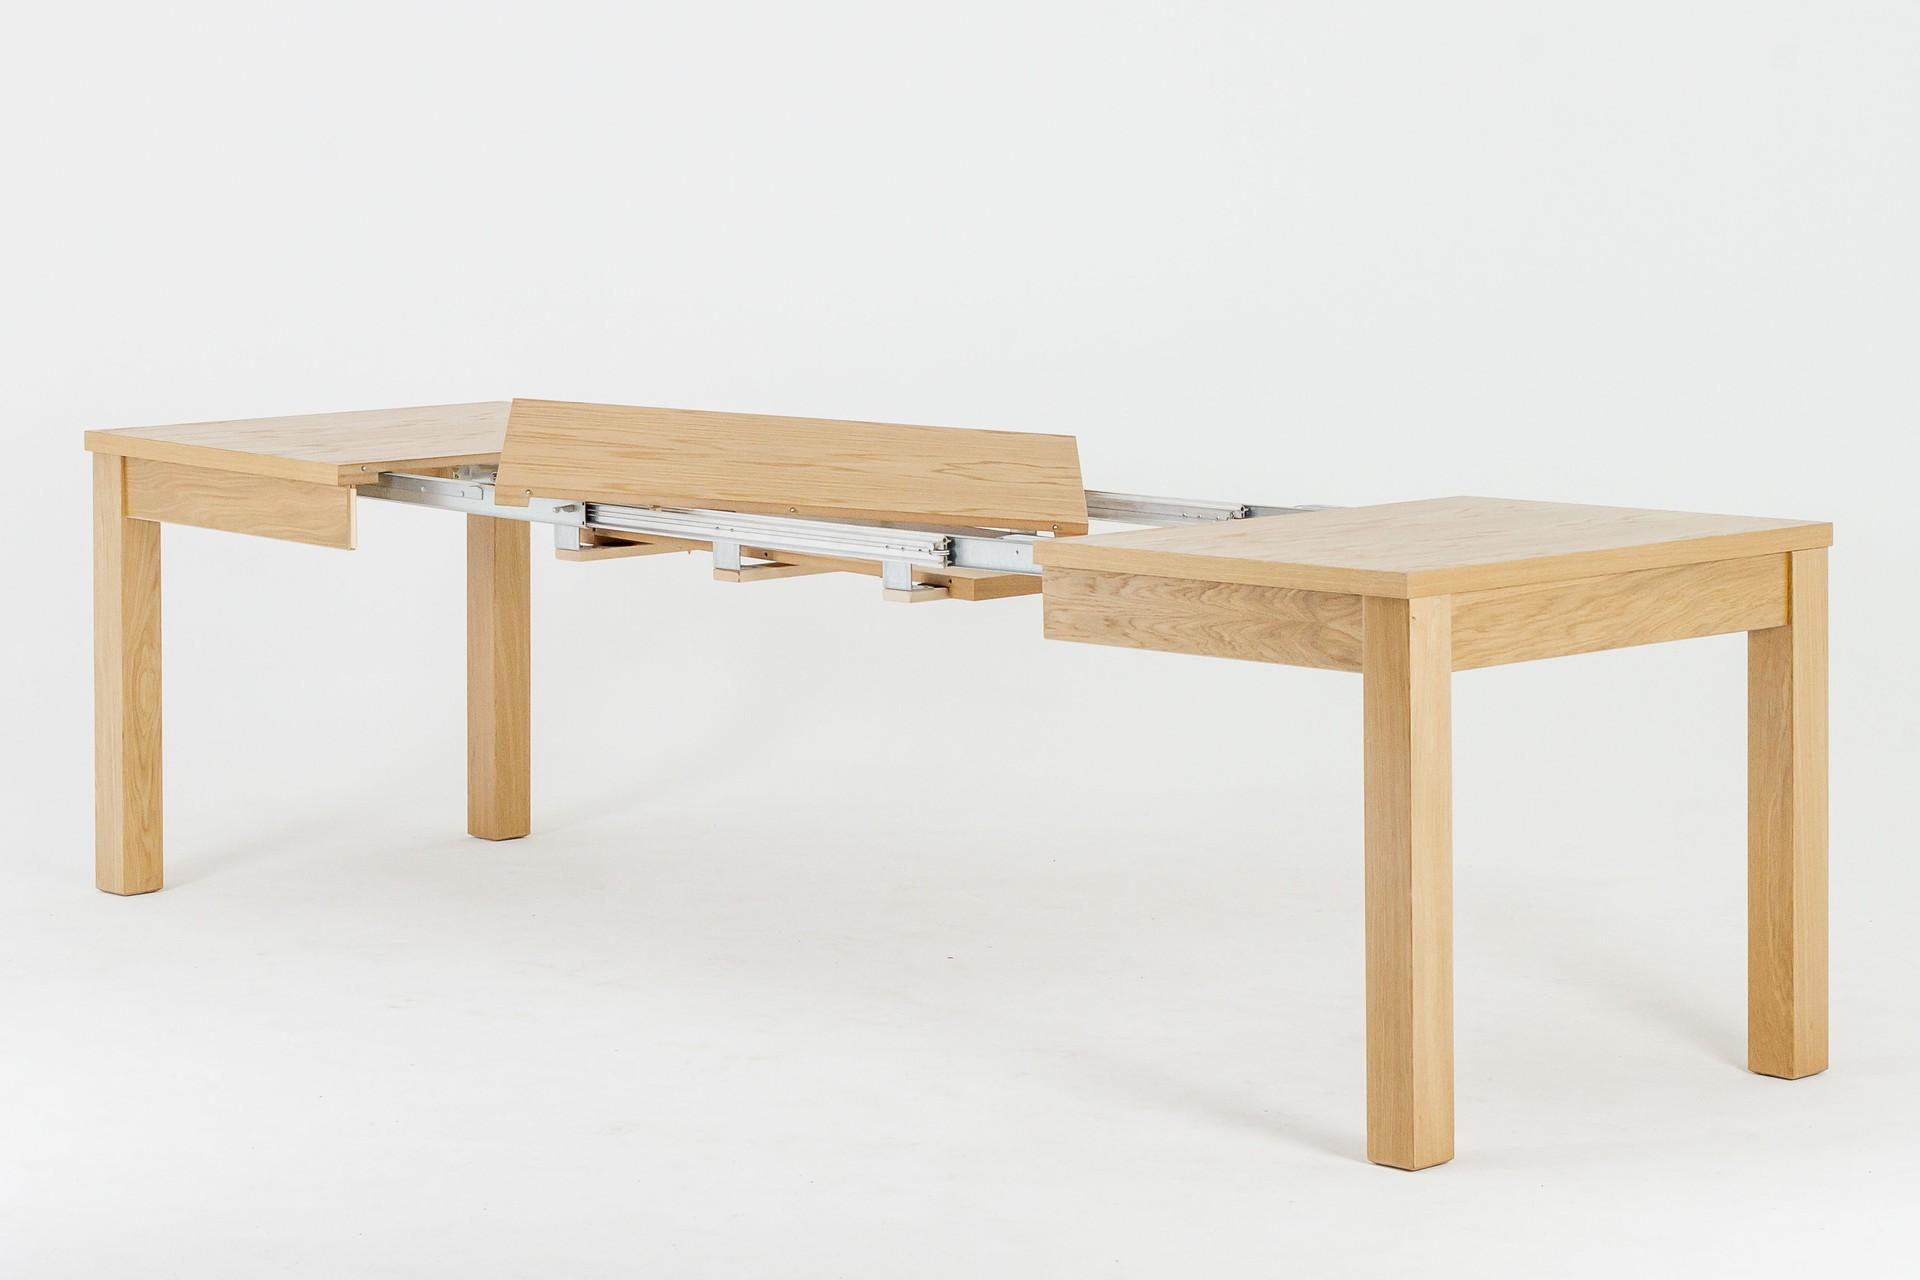 Stół drewniany mini max ikea